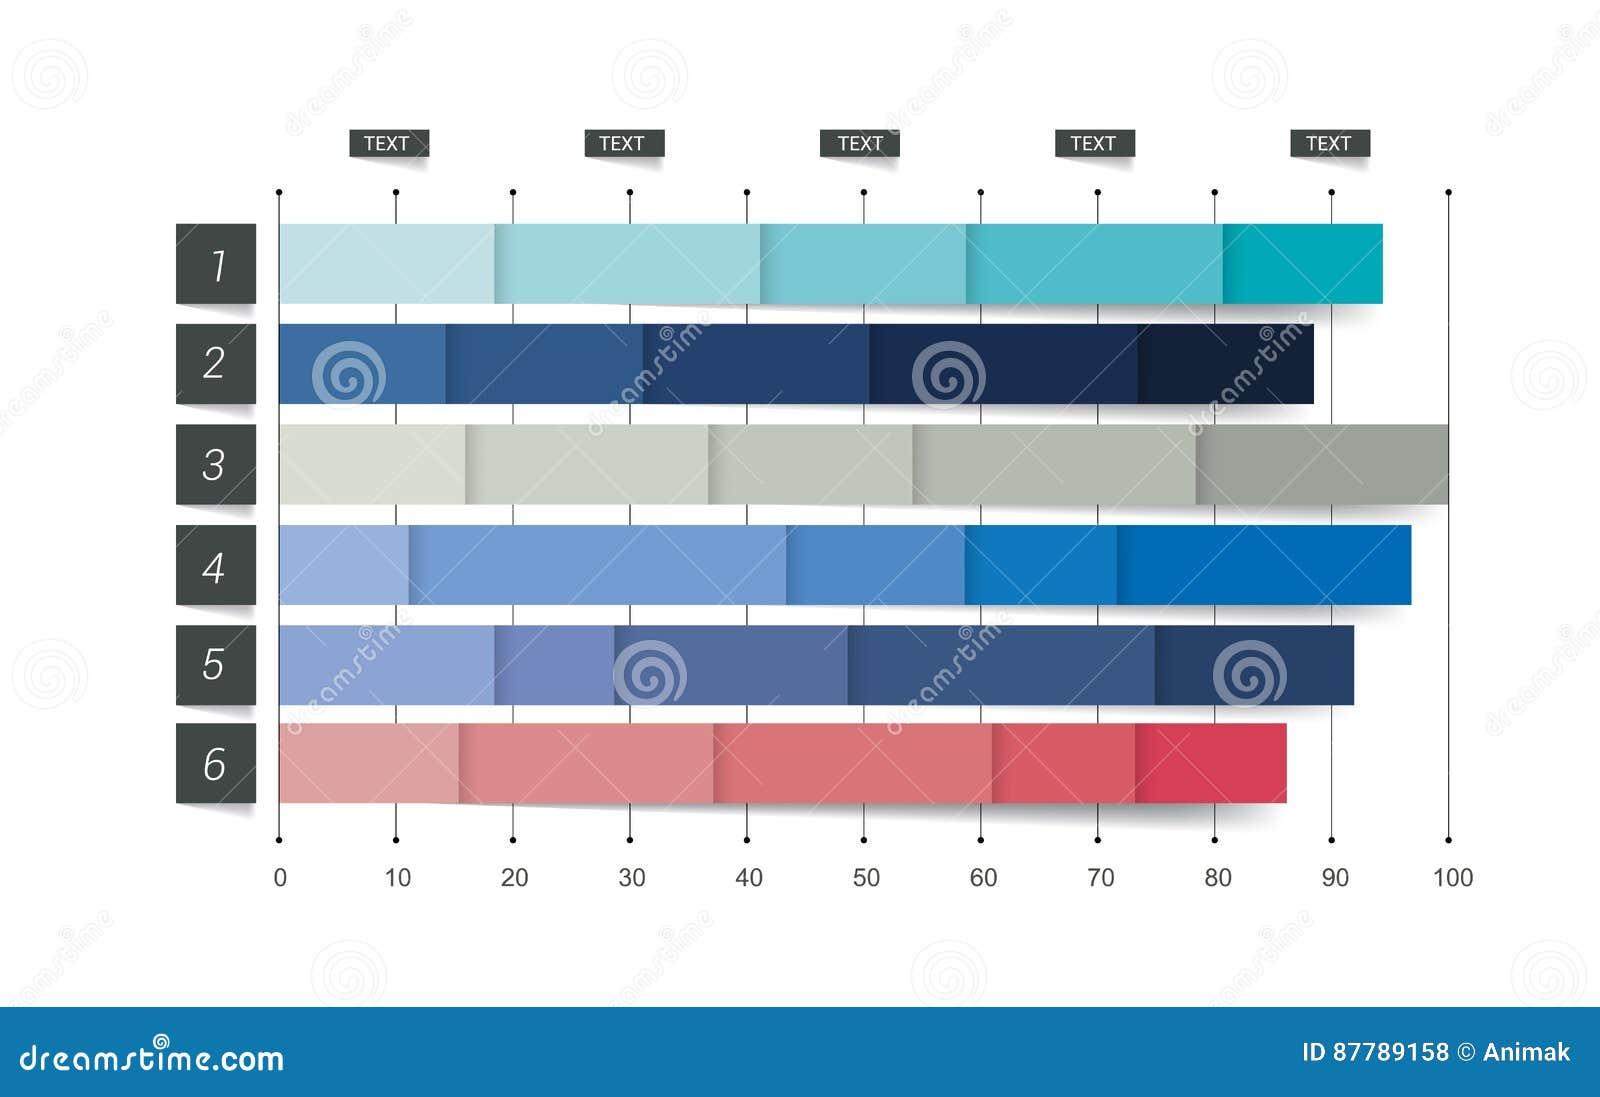 Επίπεδο διάγραμμα, γραφική παράσταση Απλά χρώμα editable